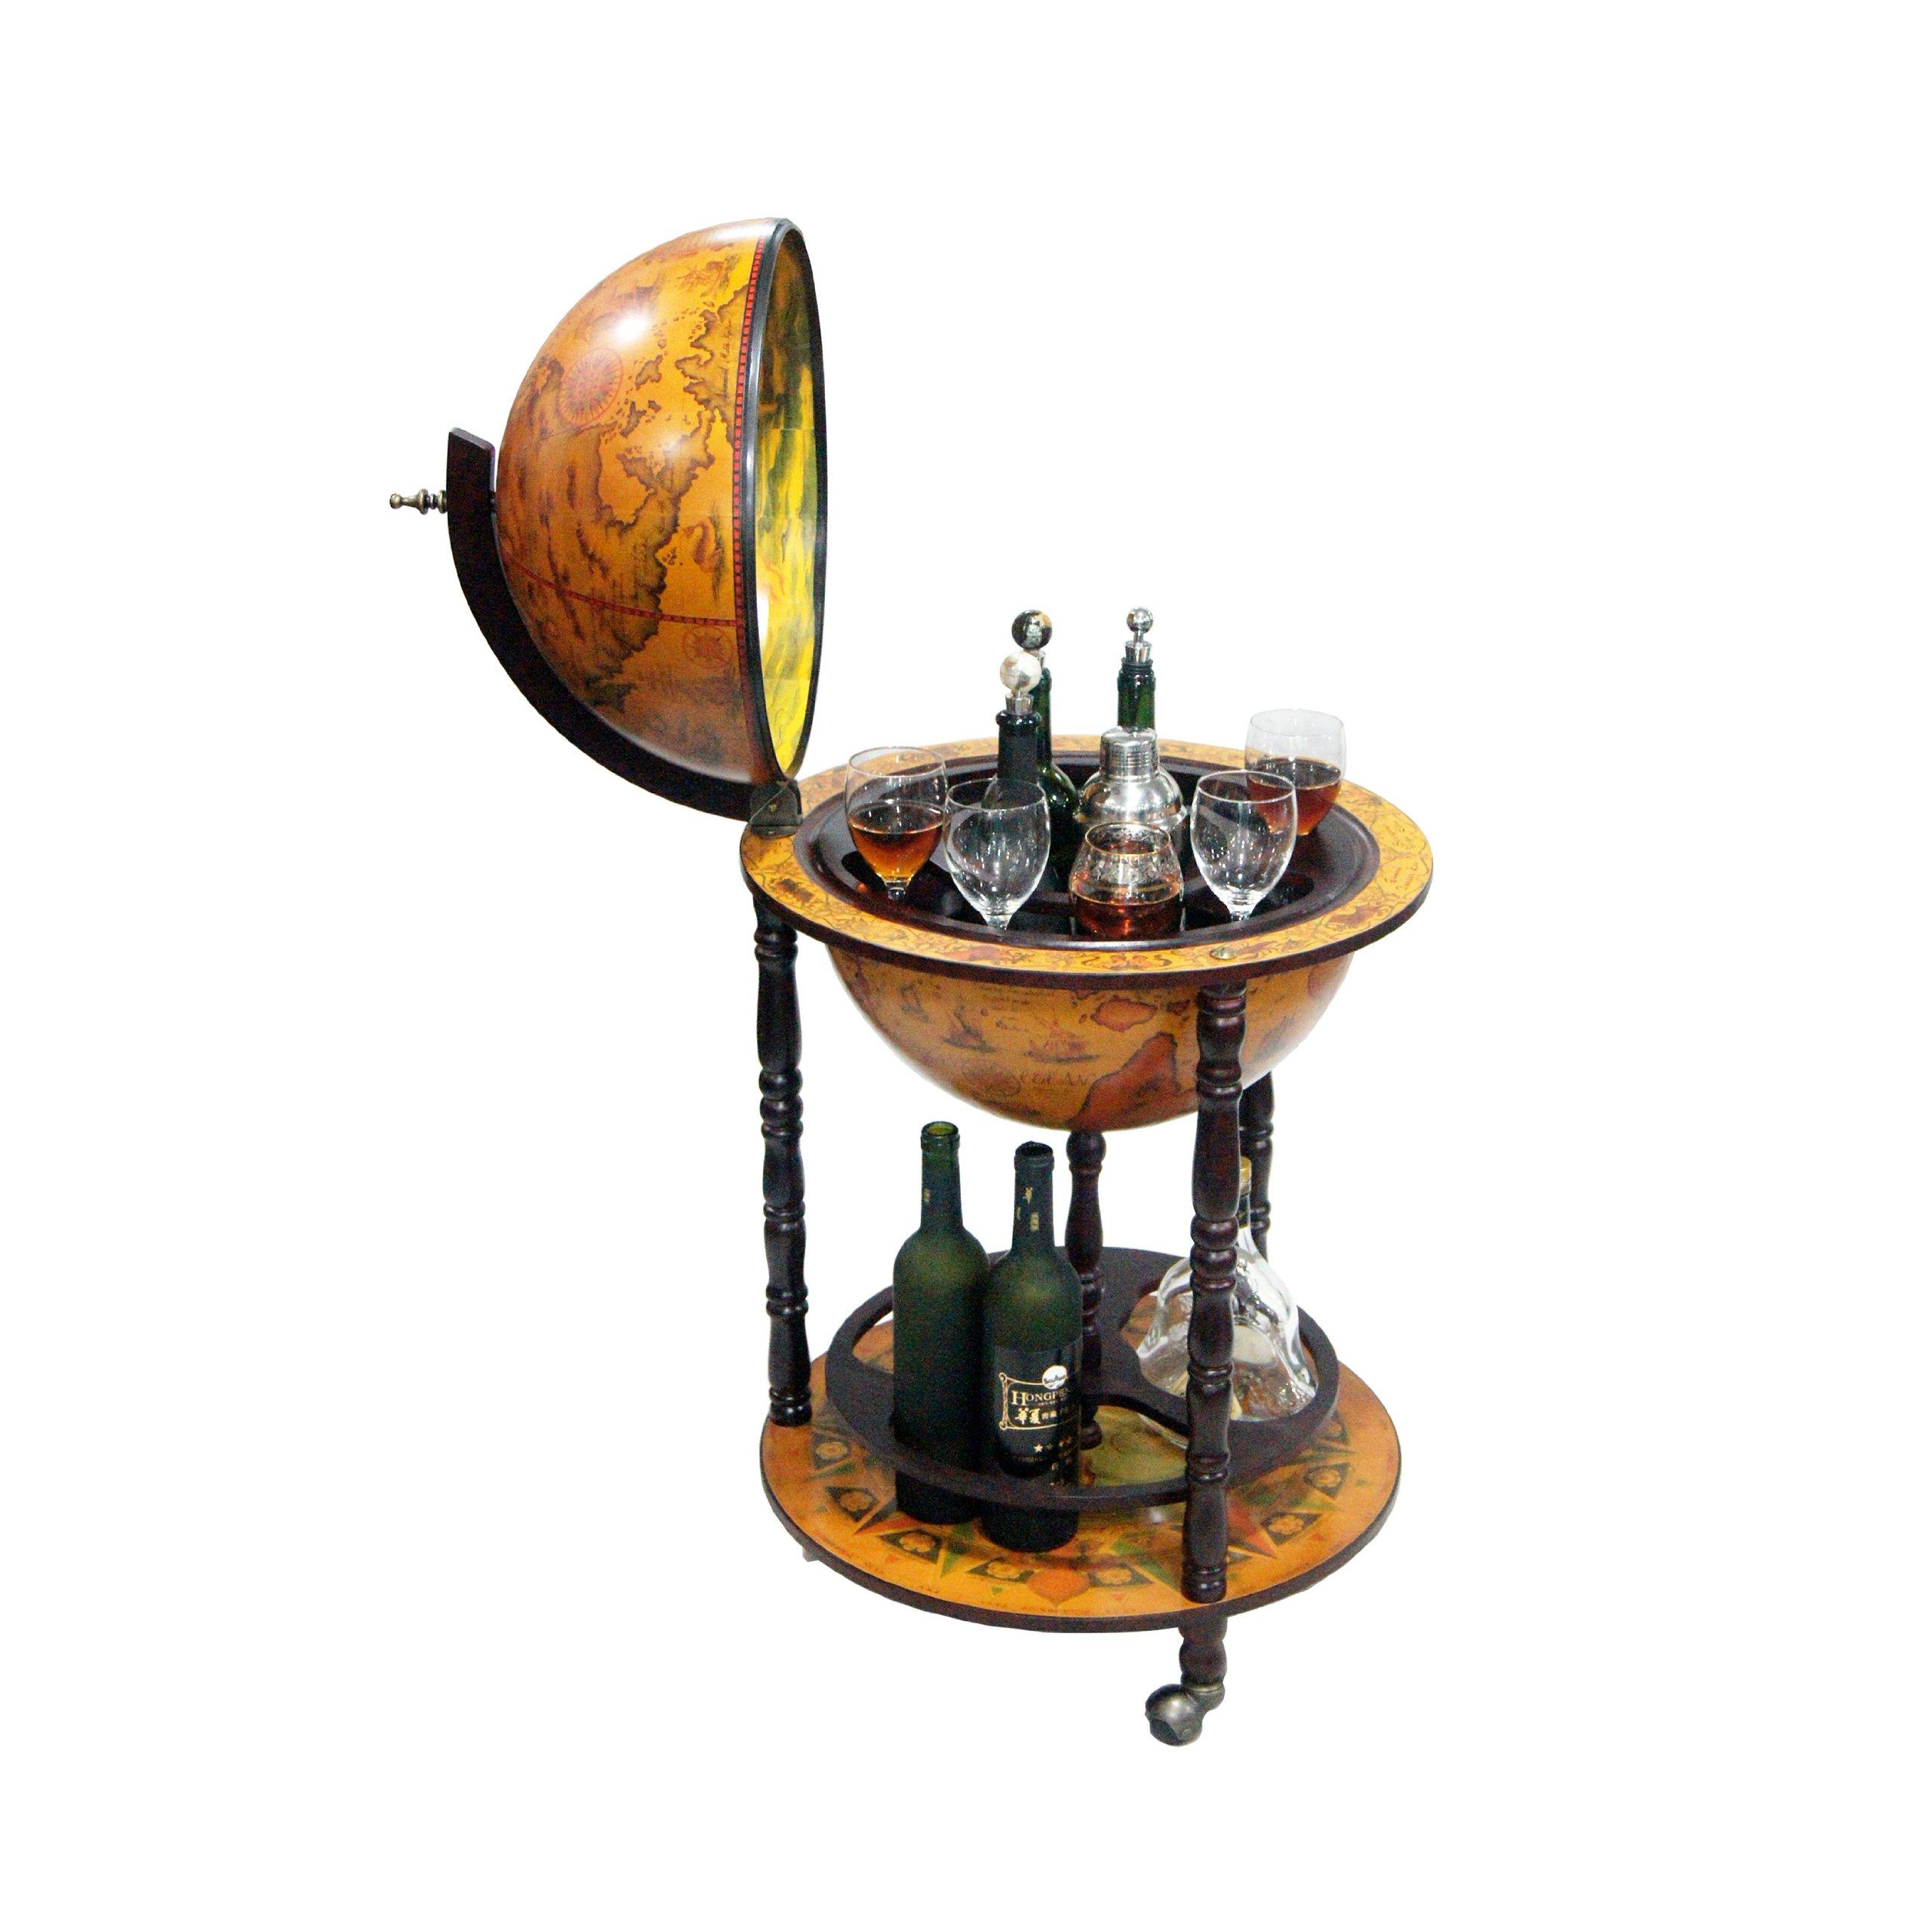 Merske Firenze Italian Style Floor Globe Bar, 20-Inch Diameter by Merske